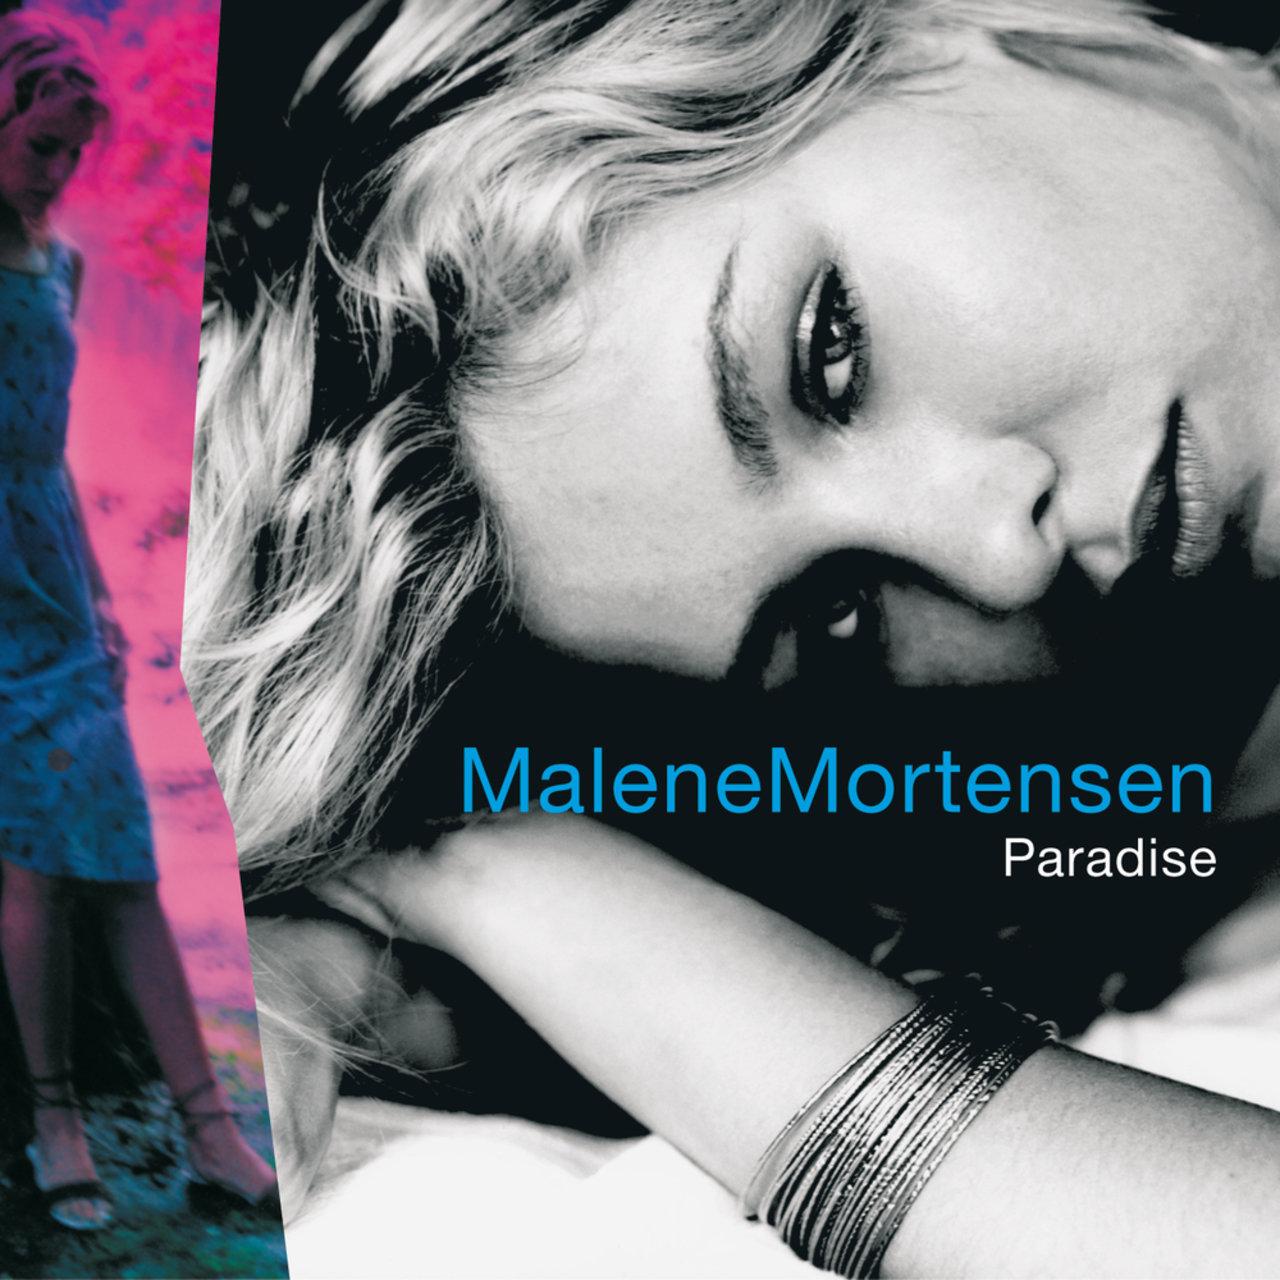 Malene Mortensen - Paradise (2003)